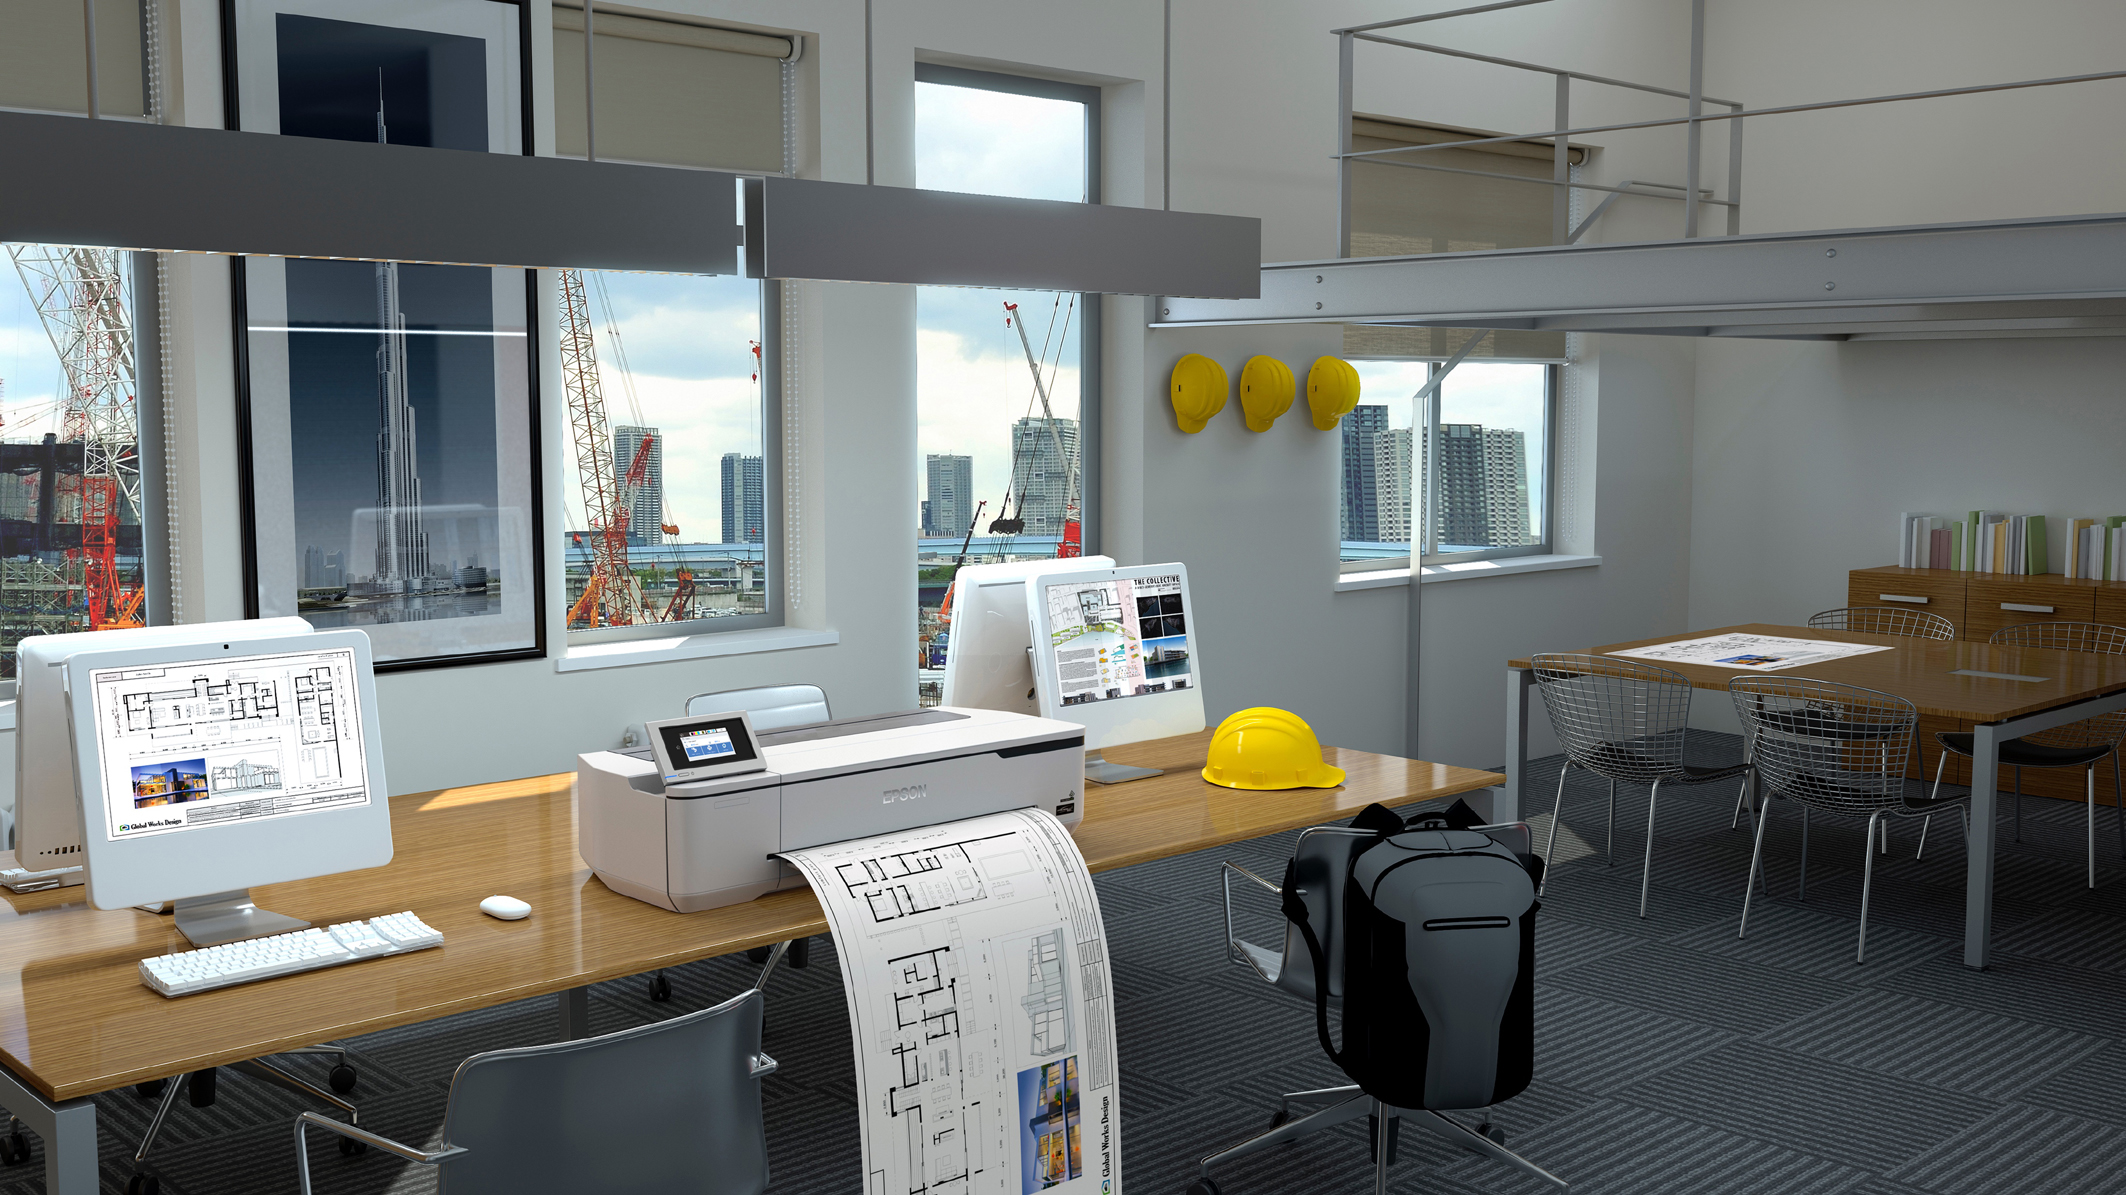 Epson sucht Architektur- und Konstruktionsbüros, die einen SureColor SC-T-3100N Großformatdrucker als Dauerleihstellung testen möchte.